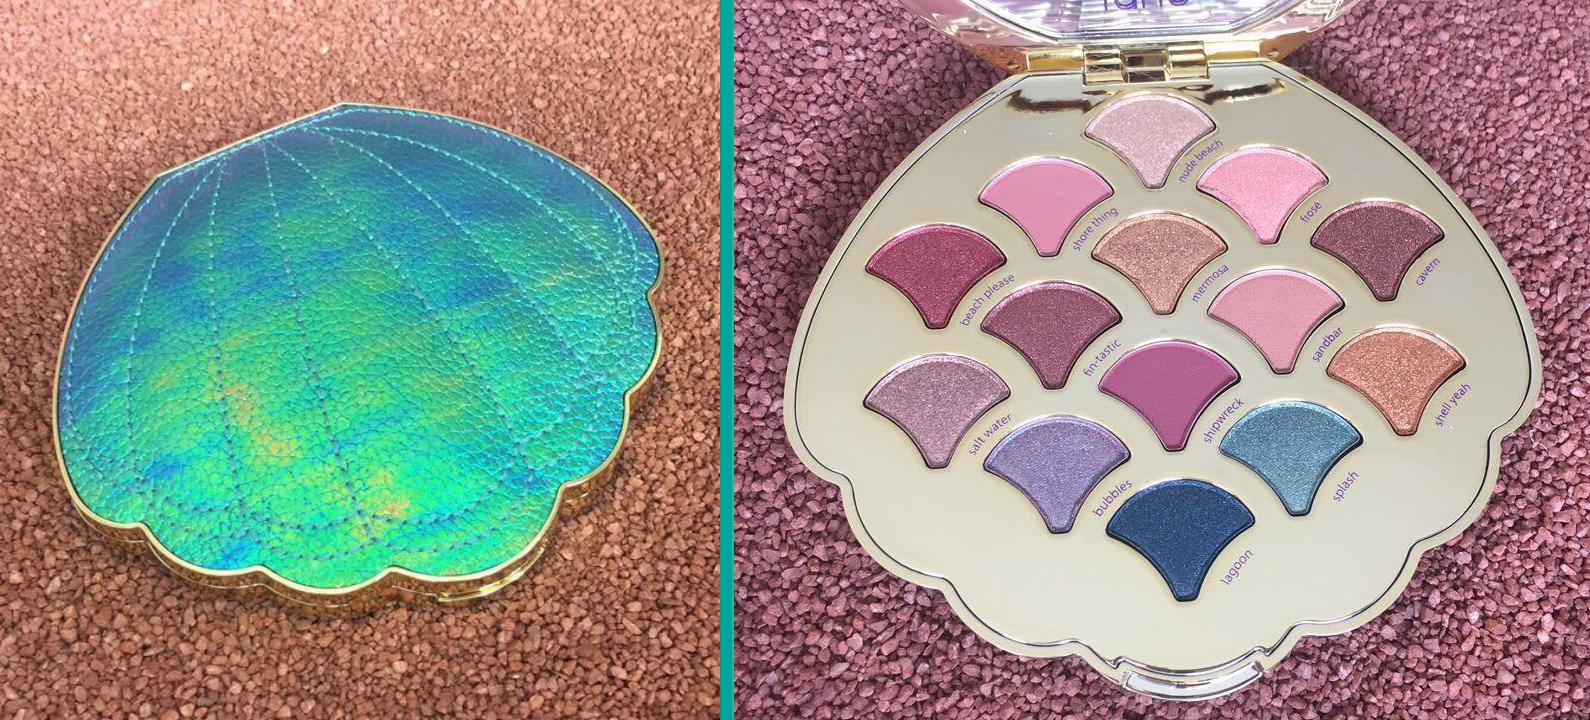 Be A Mermaid & Make Waves Eyeshadow Palette by Tarte #22